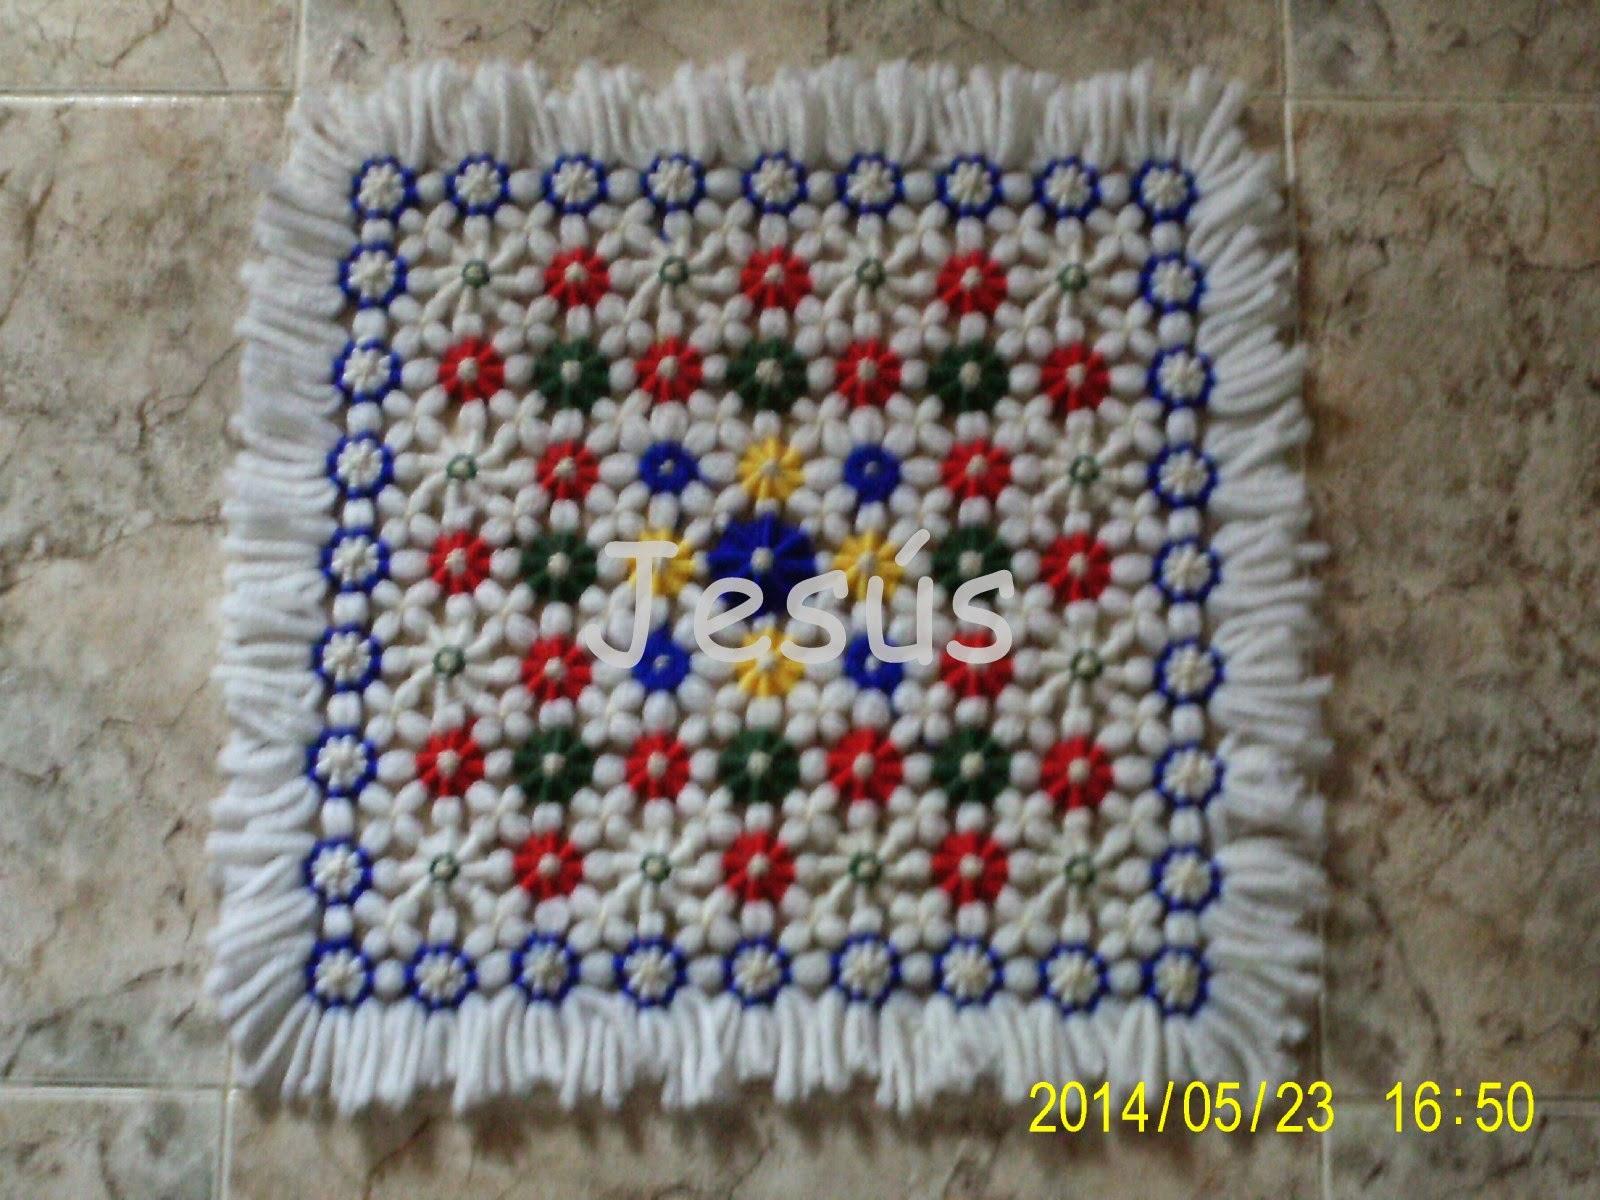 Adesivo De Credito Santander ~ Tapetes artesanos de amig@s Tapetes de la mili ~ Angela